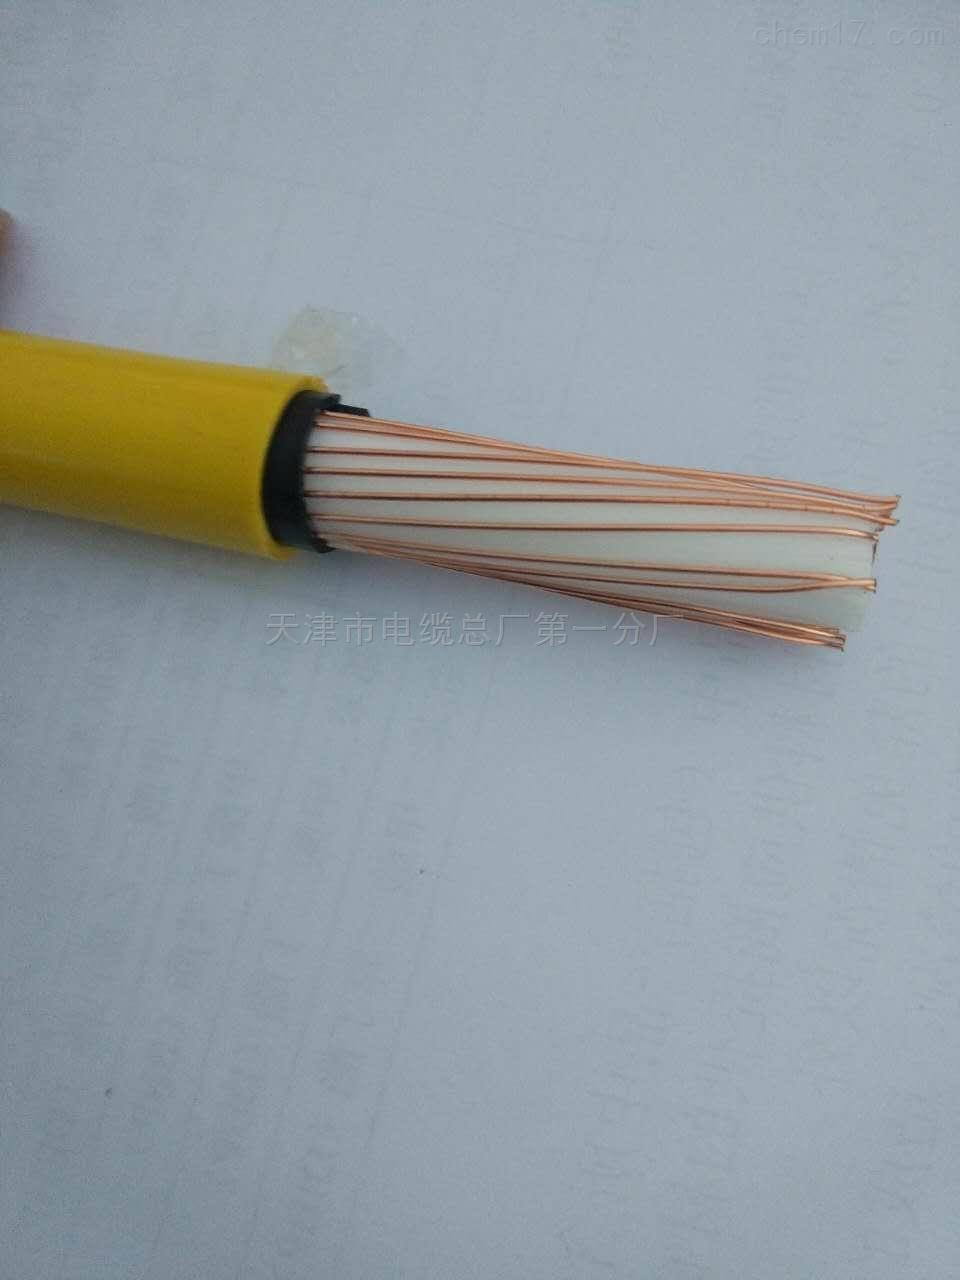 矿用漏泄电缆MSLYFYVZ-50-9,MSLYFVZ-50-9